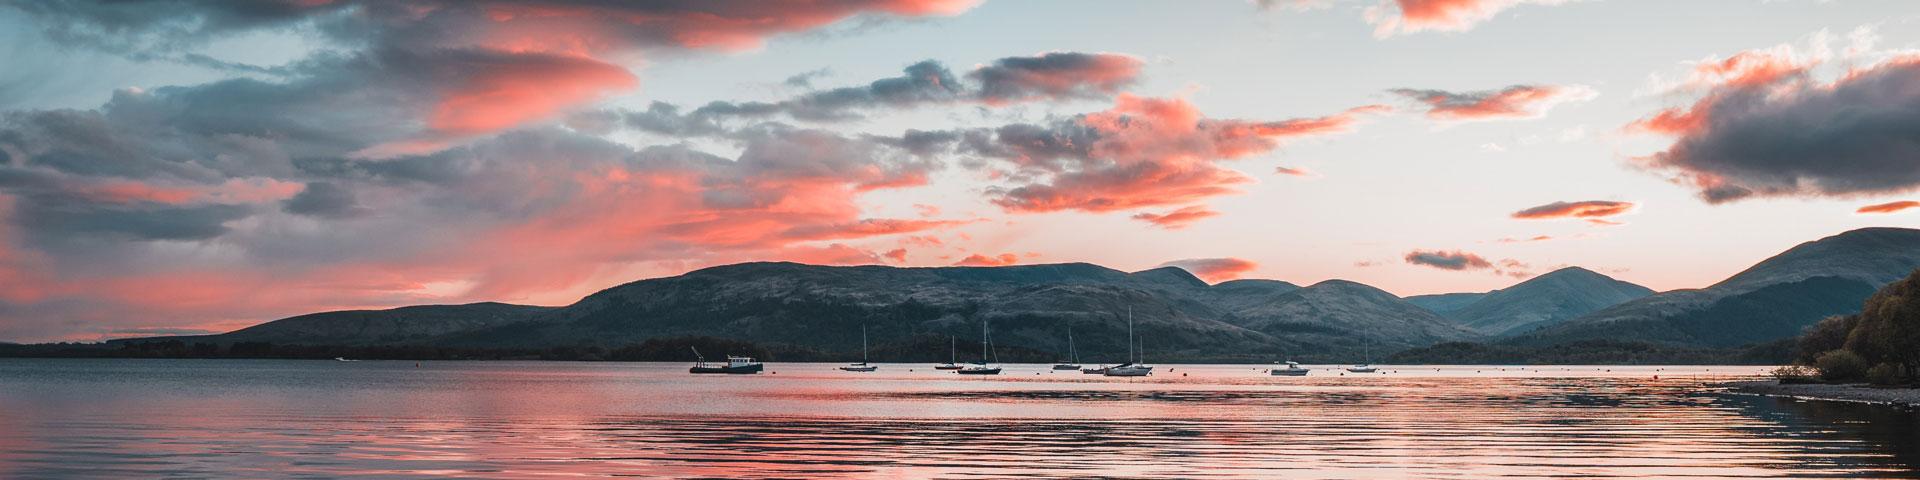 West Highland Way, West Highlands